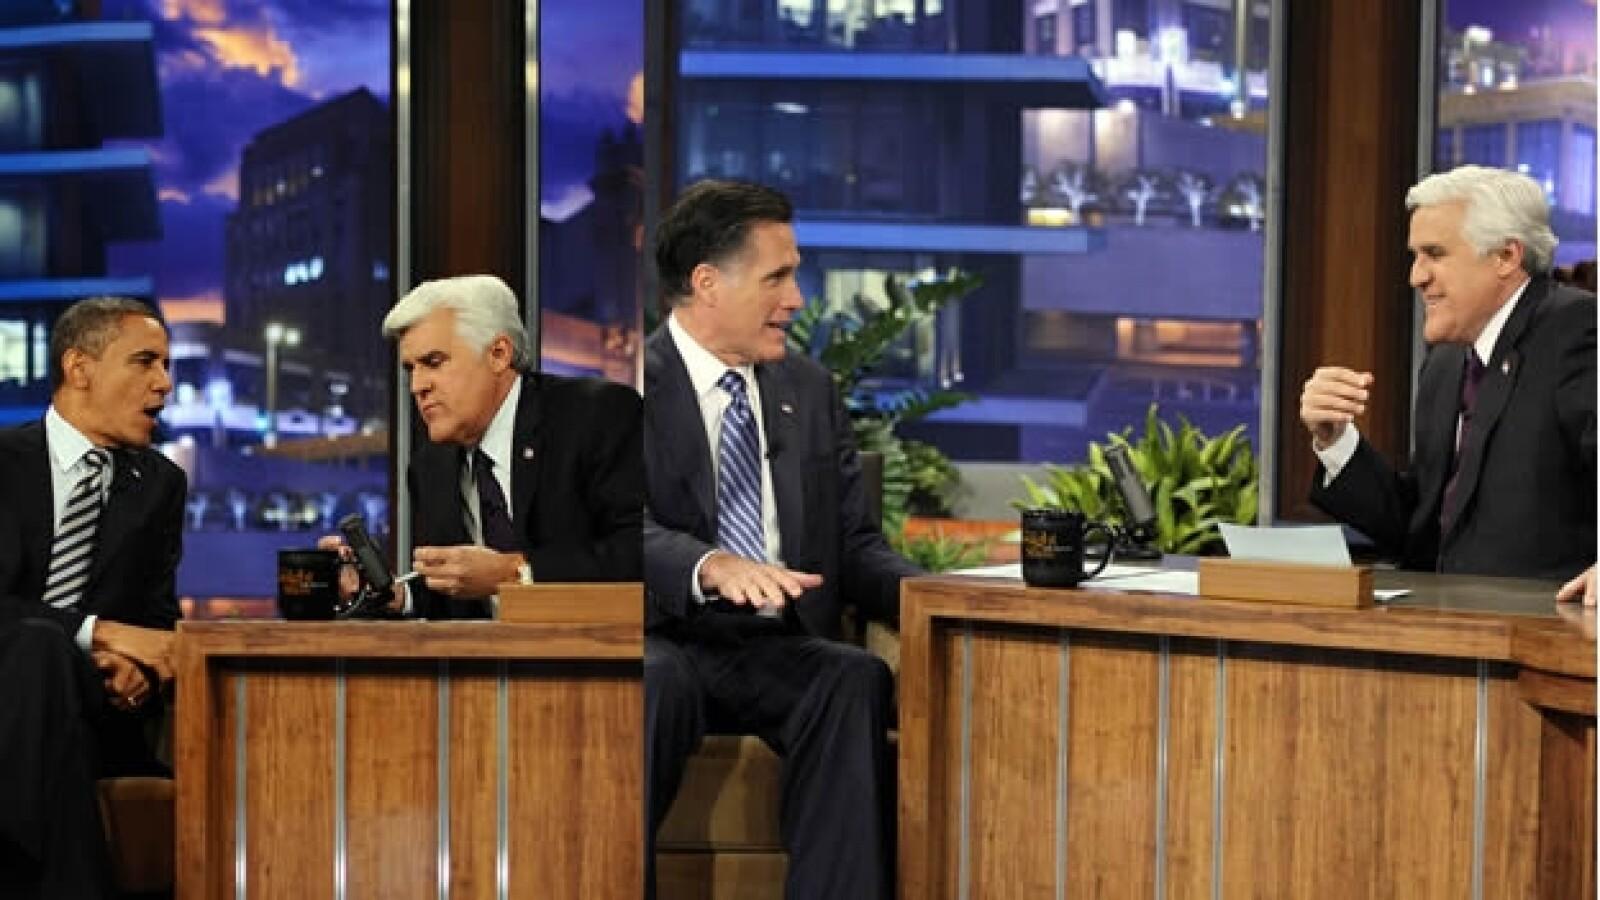 Obama Romney Jay Leno